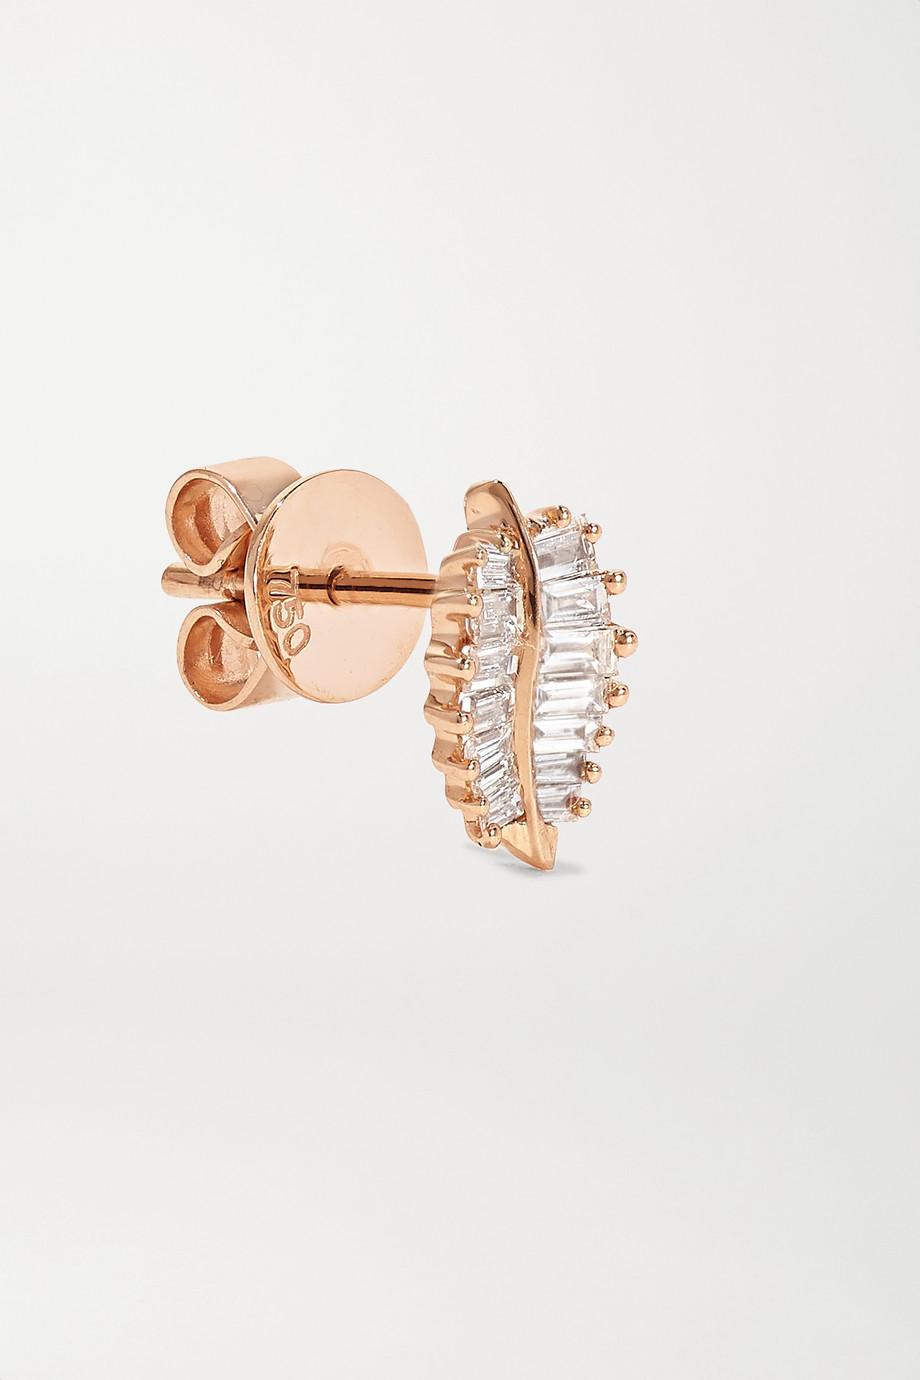 Anita Ko Boucles d'oreilles en or rose 18 carats et diamants Palm Leaf Small